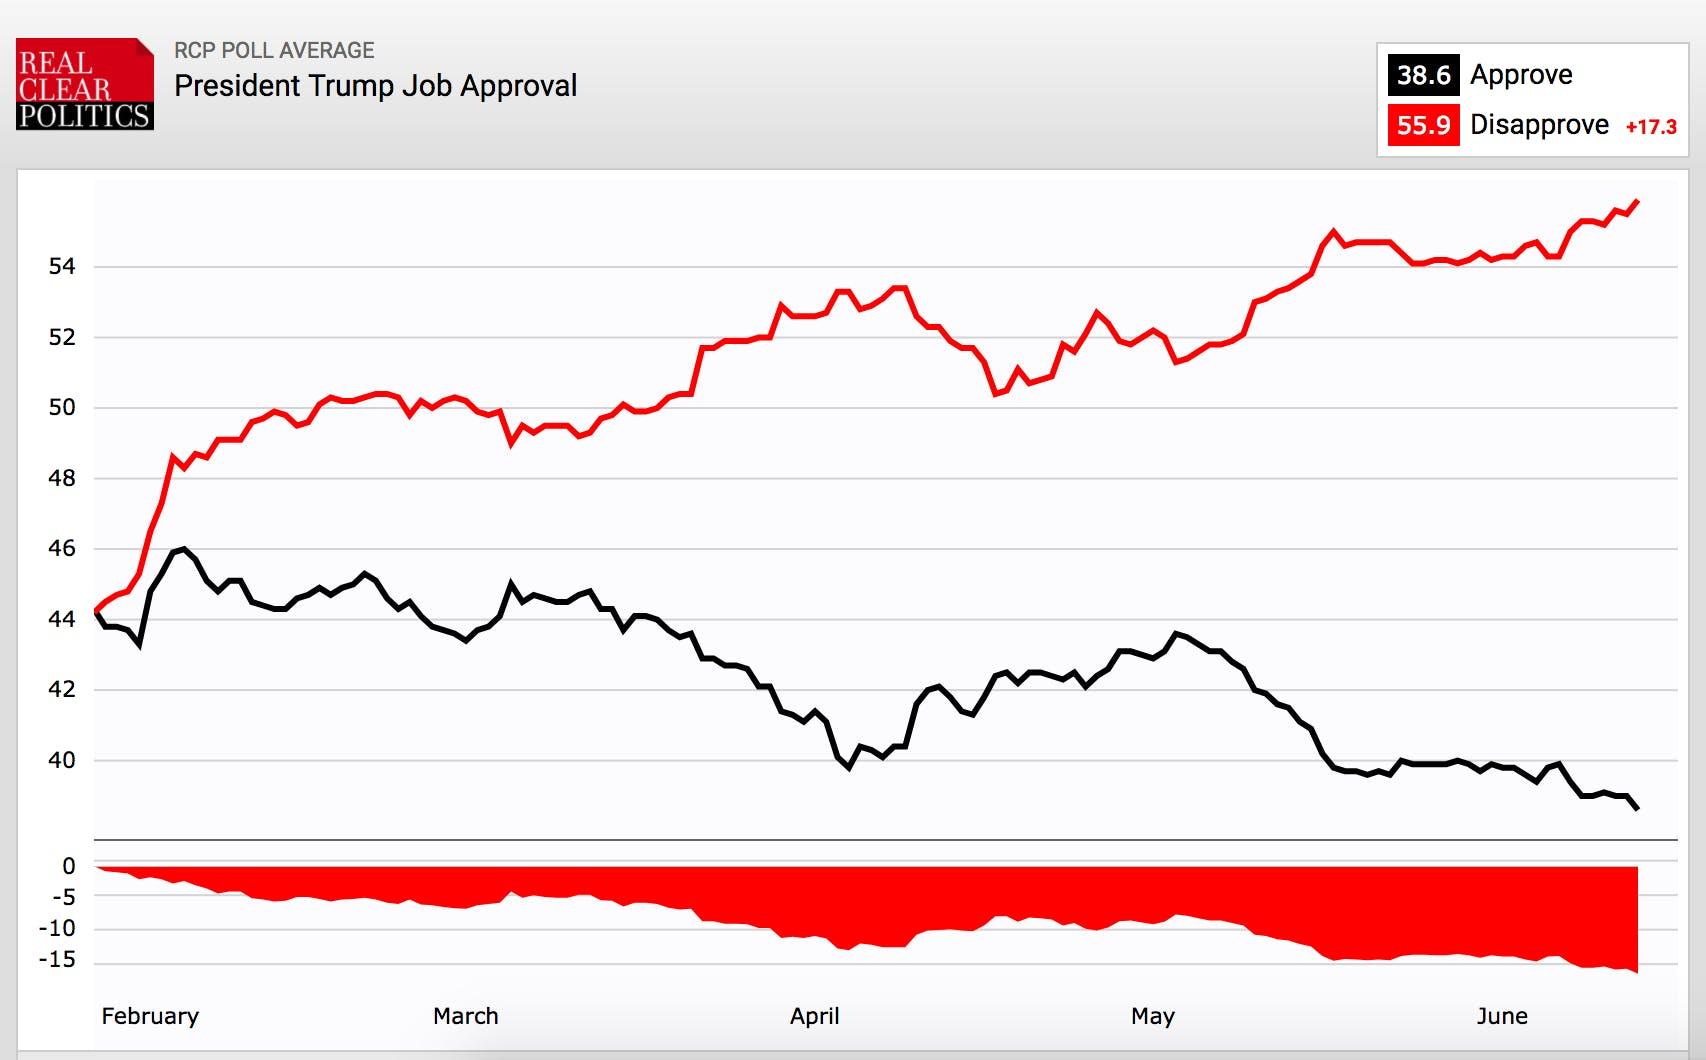 Real Clear Politics Trump Job Approval Graph